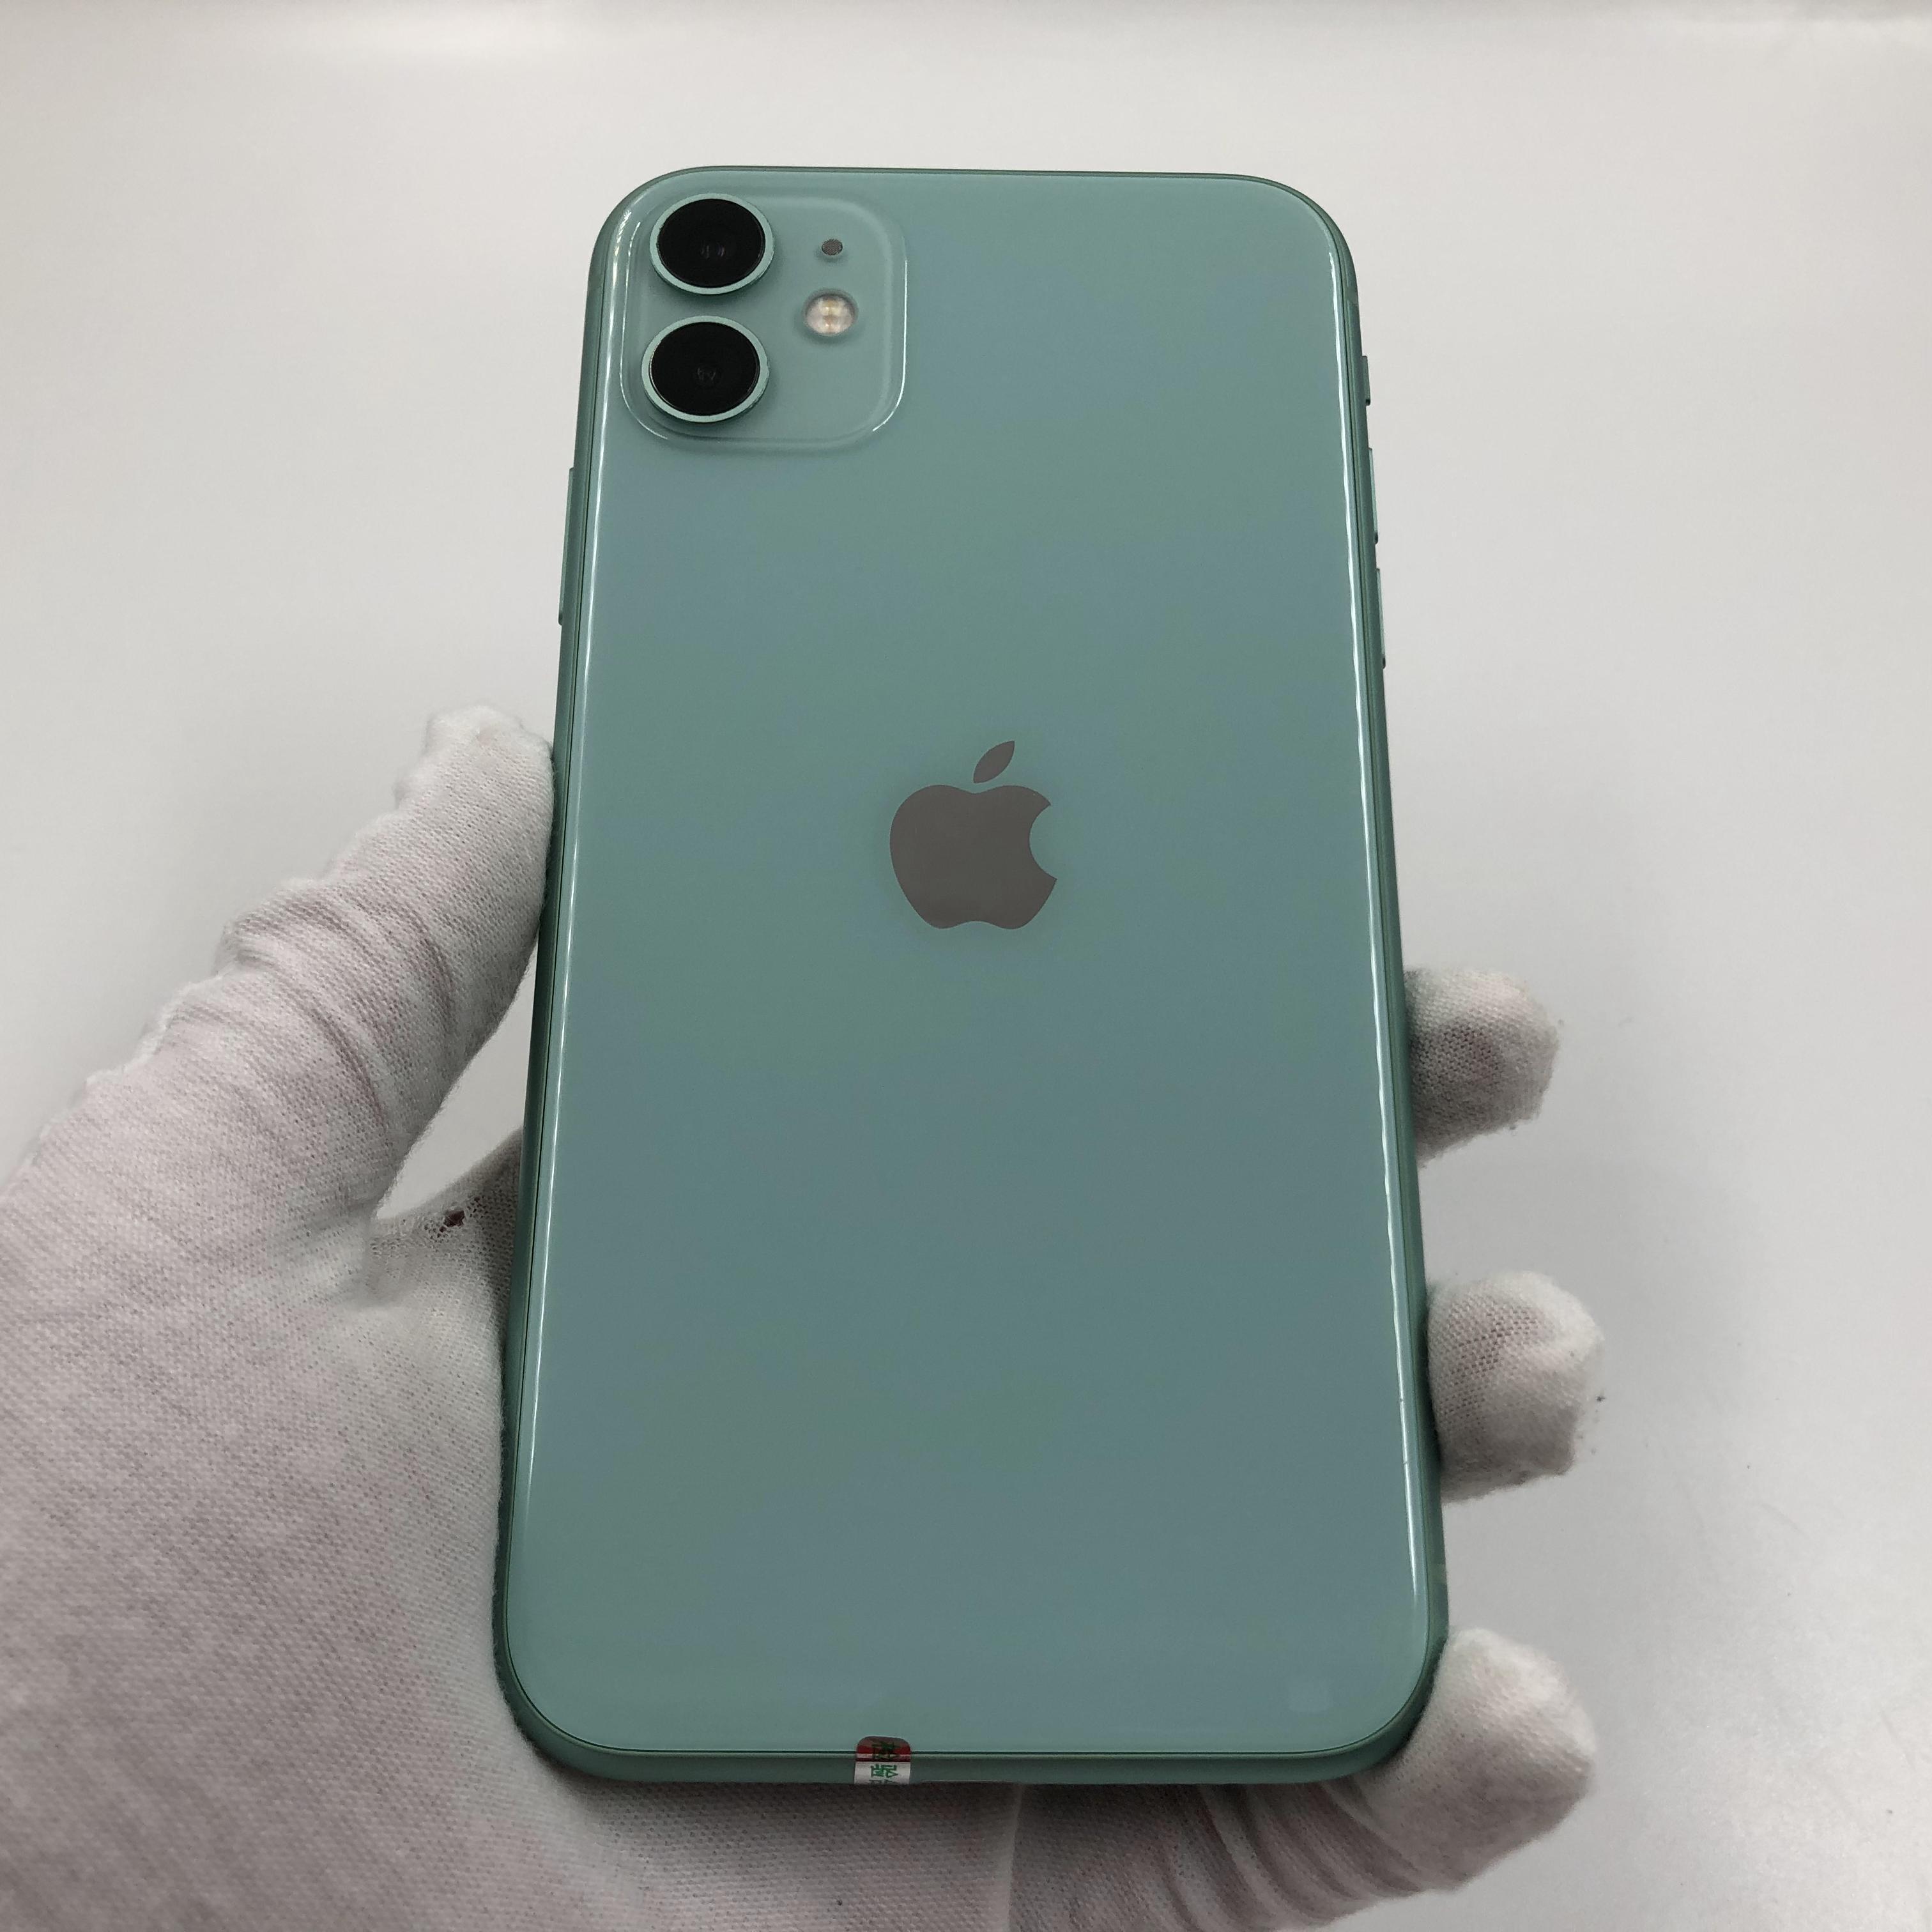 苹果【iPhone 11】4G全网通 绿色 128G 国行 95新 真机实拍官保2021-10-15